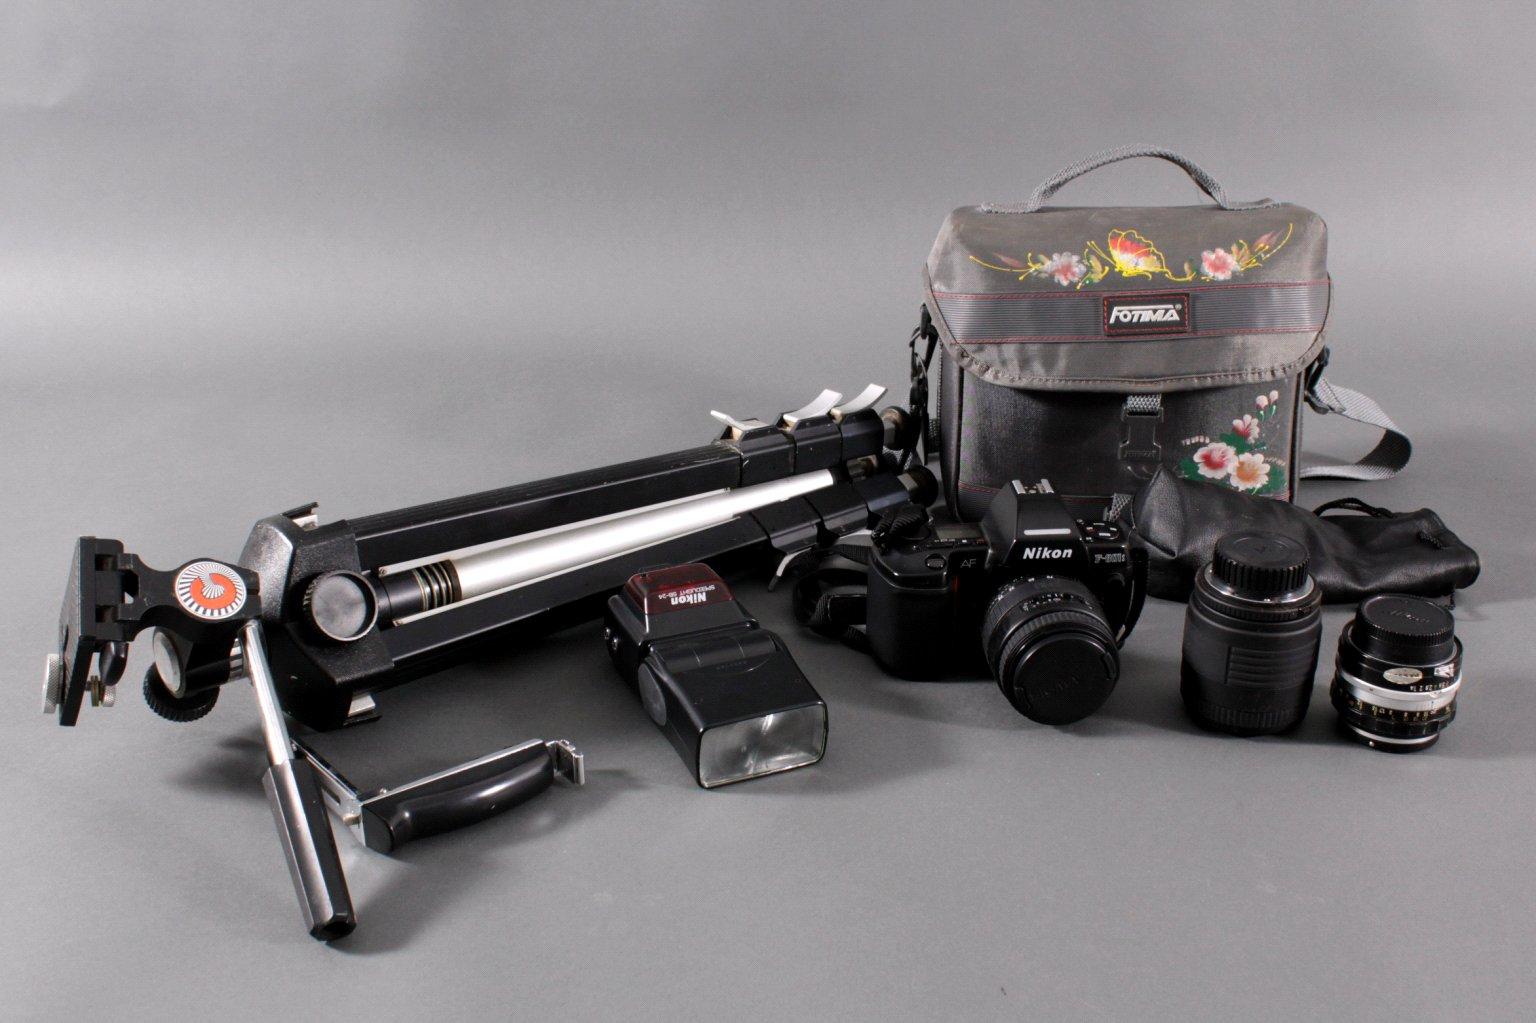 Nikon F-801s mit Zubehör